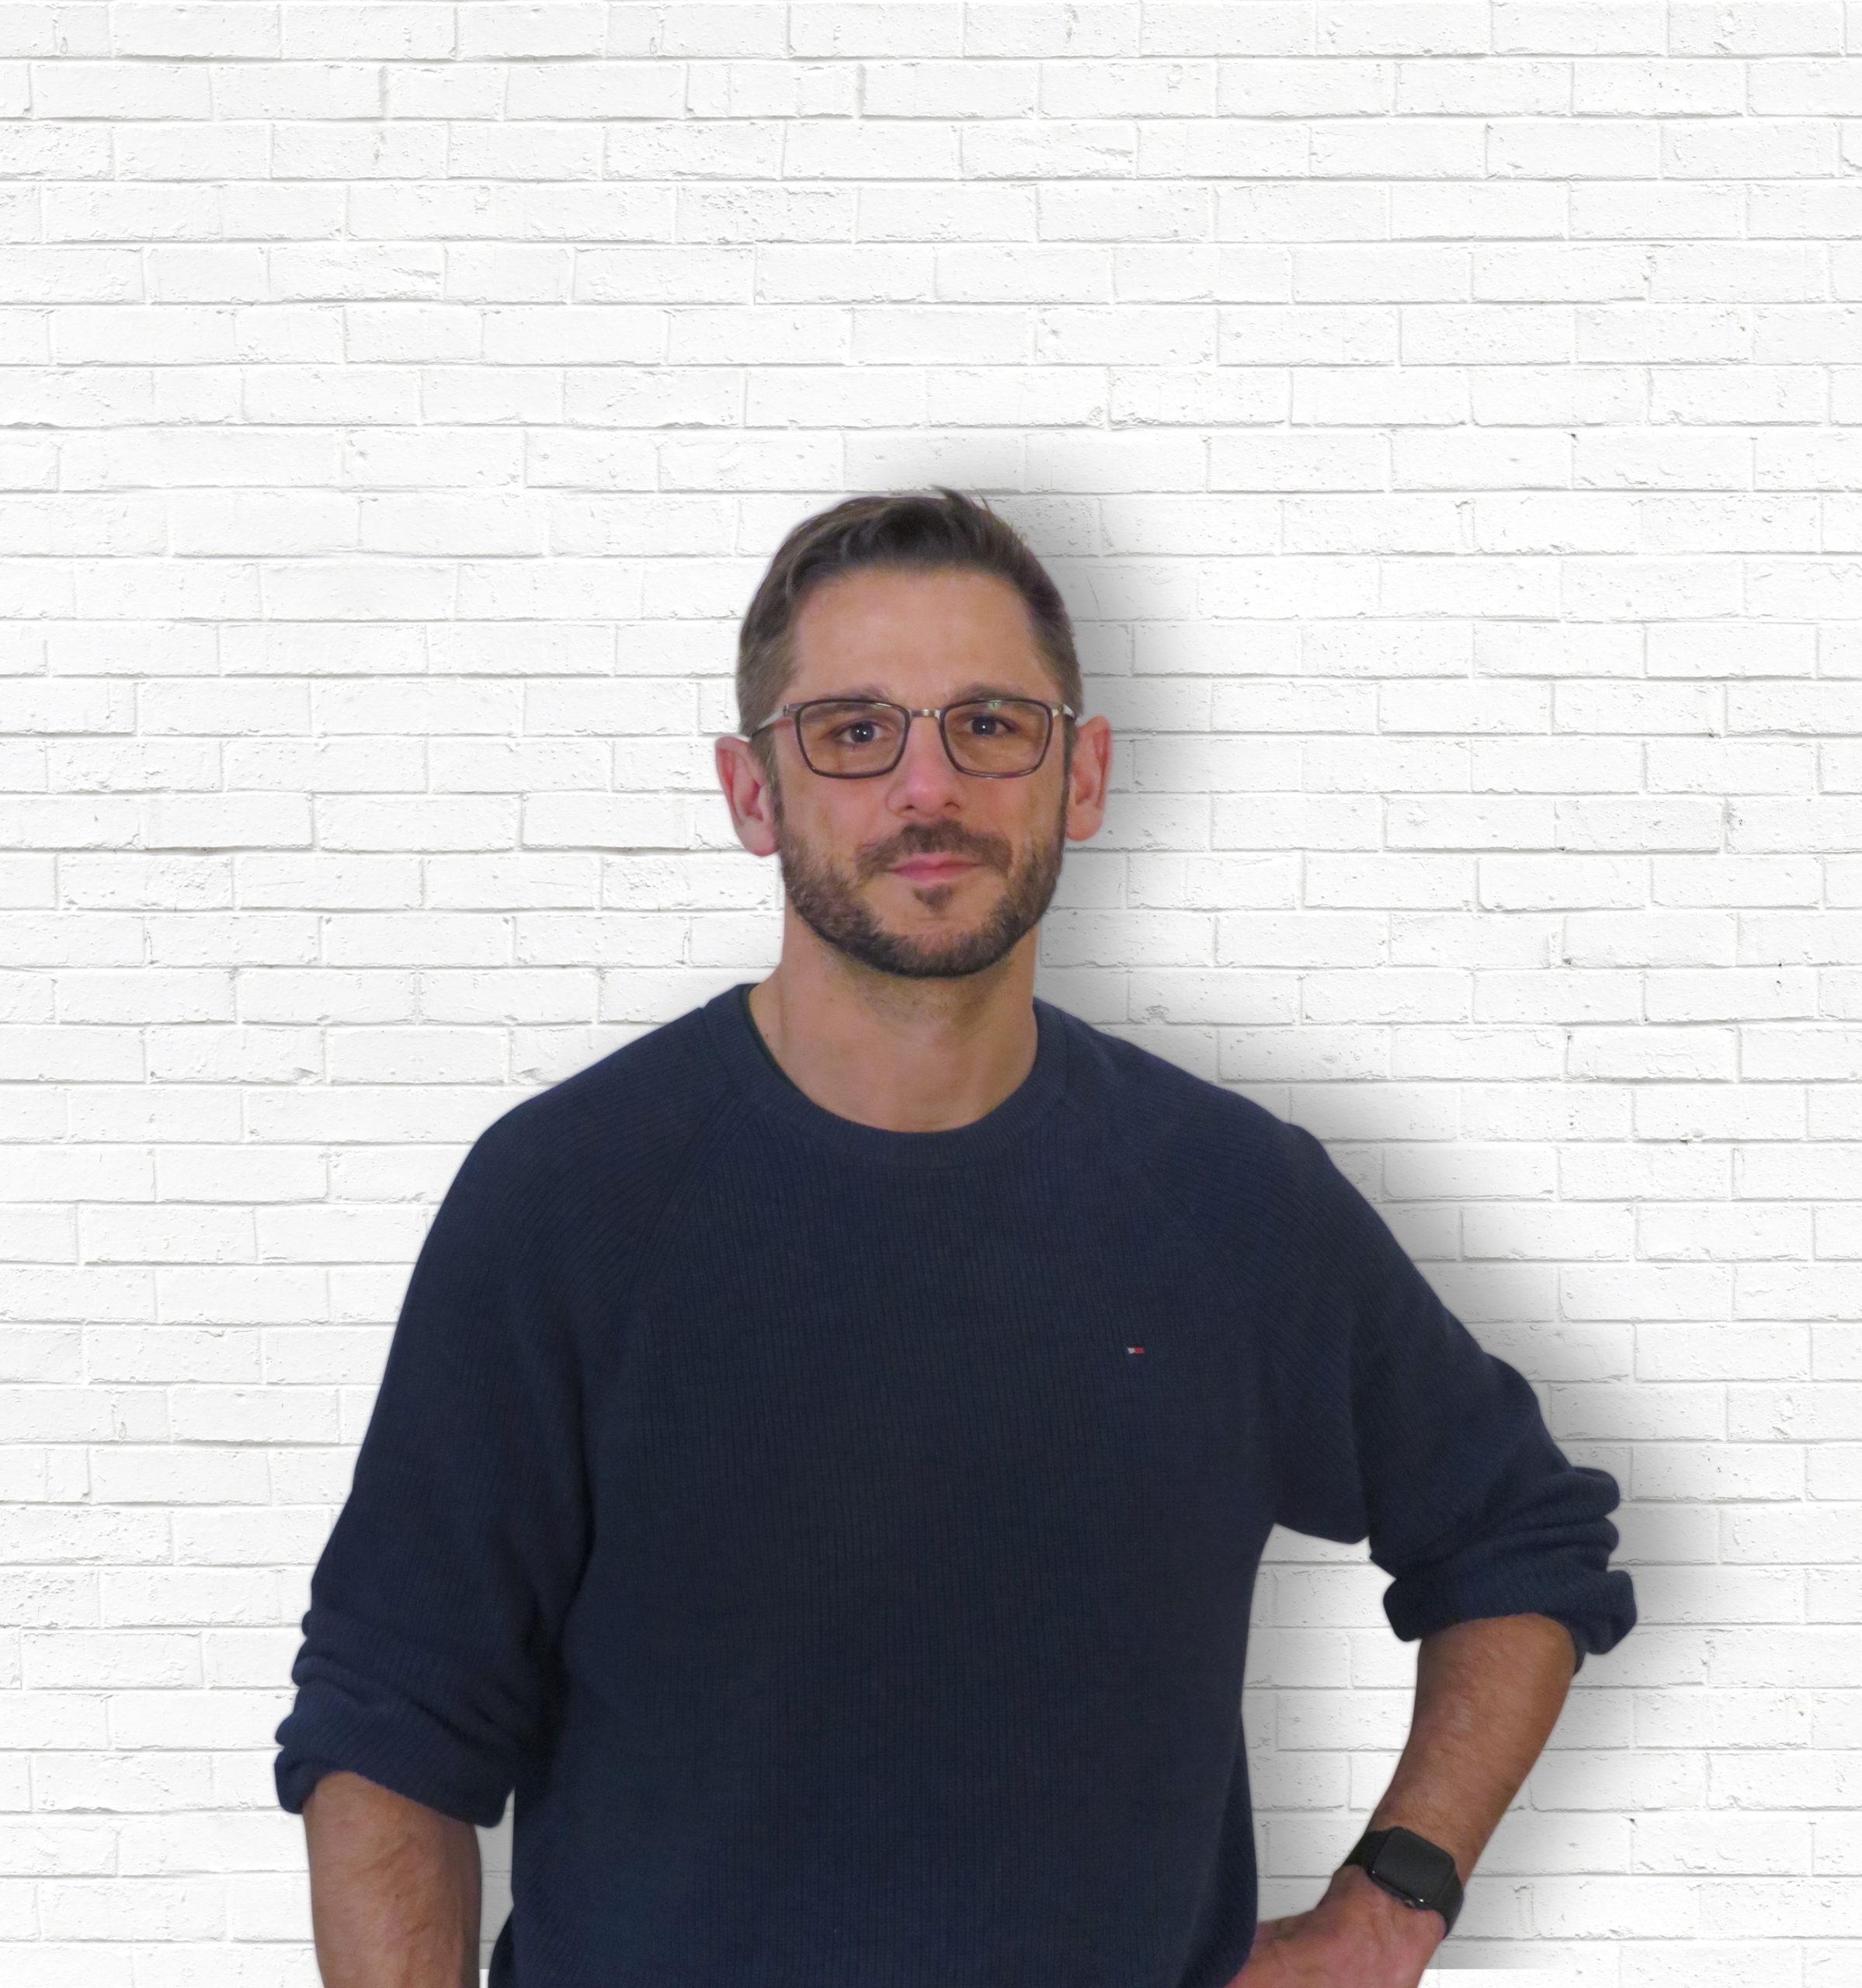 Petrik Thomann